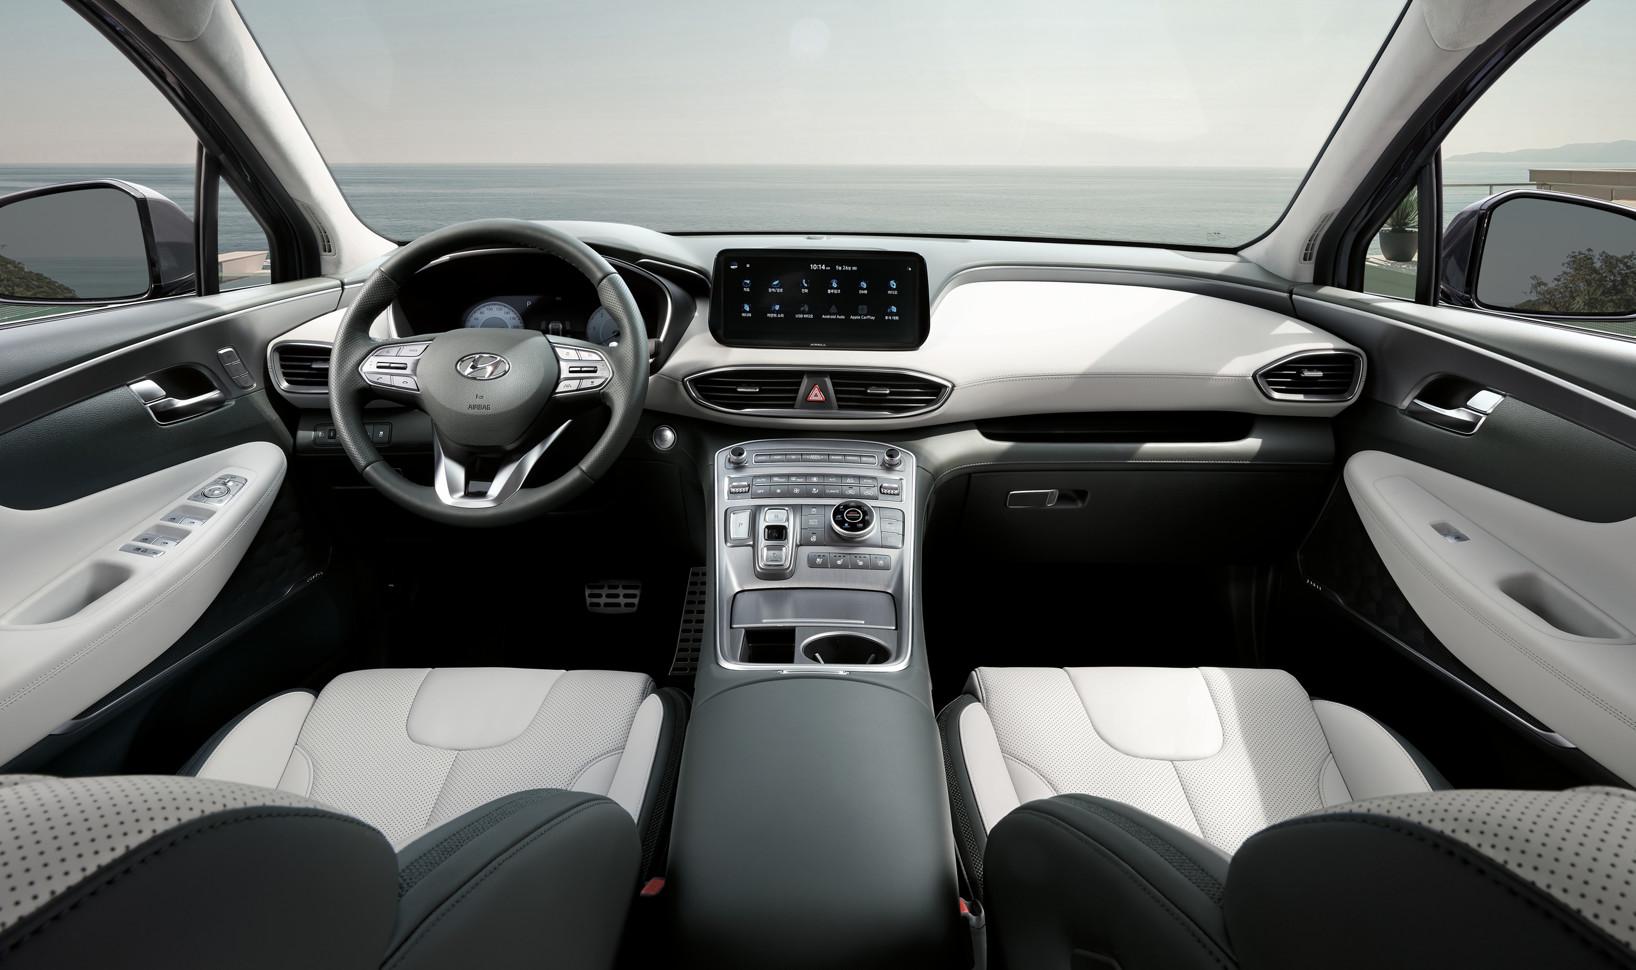 Официально раскрыт дизайн обновленного кроссовера Hyundai Santa Fe